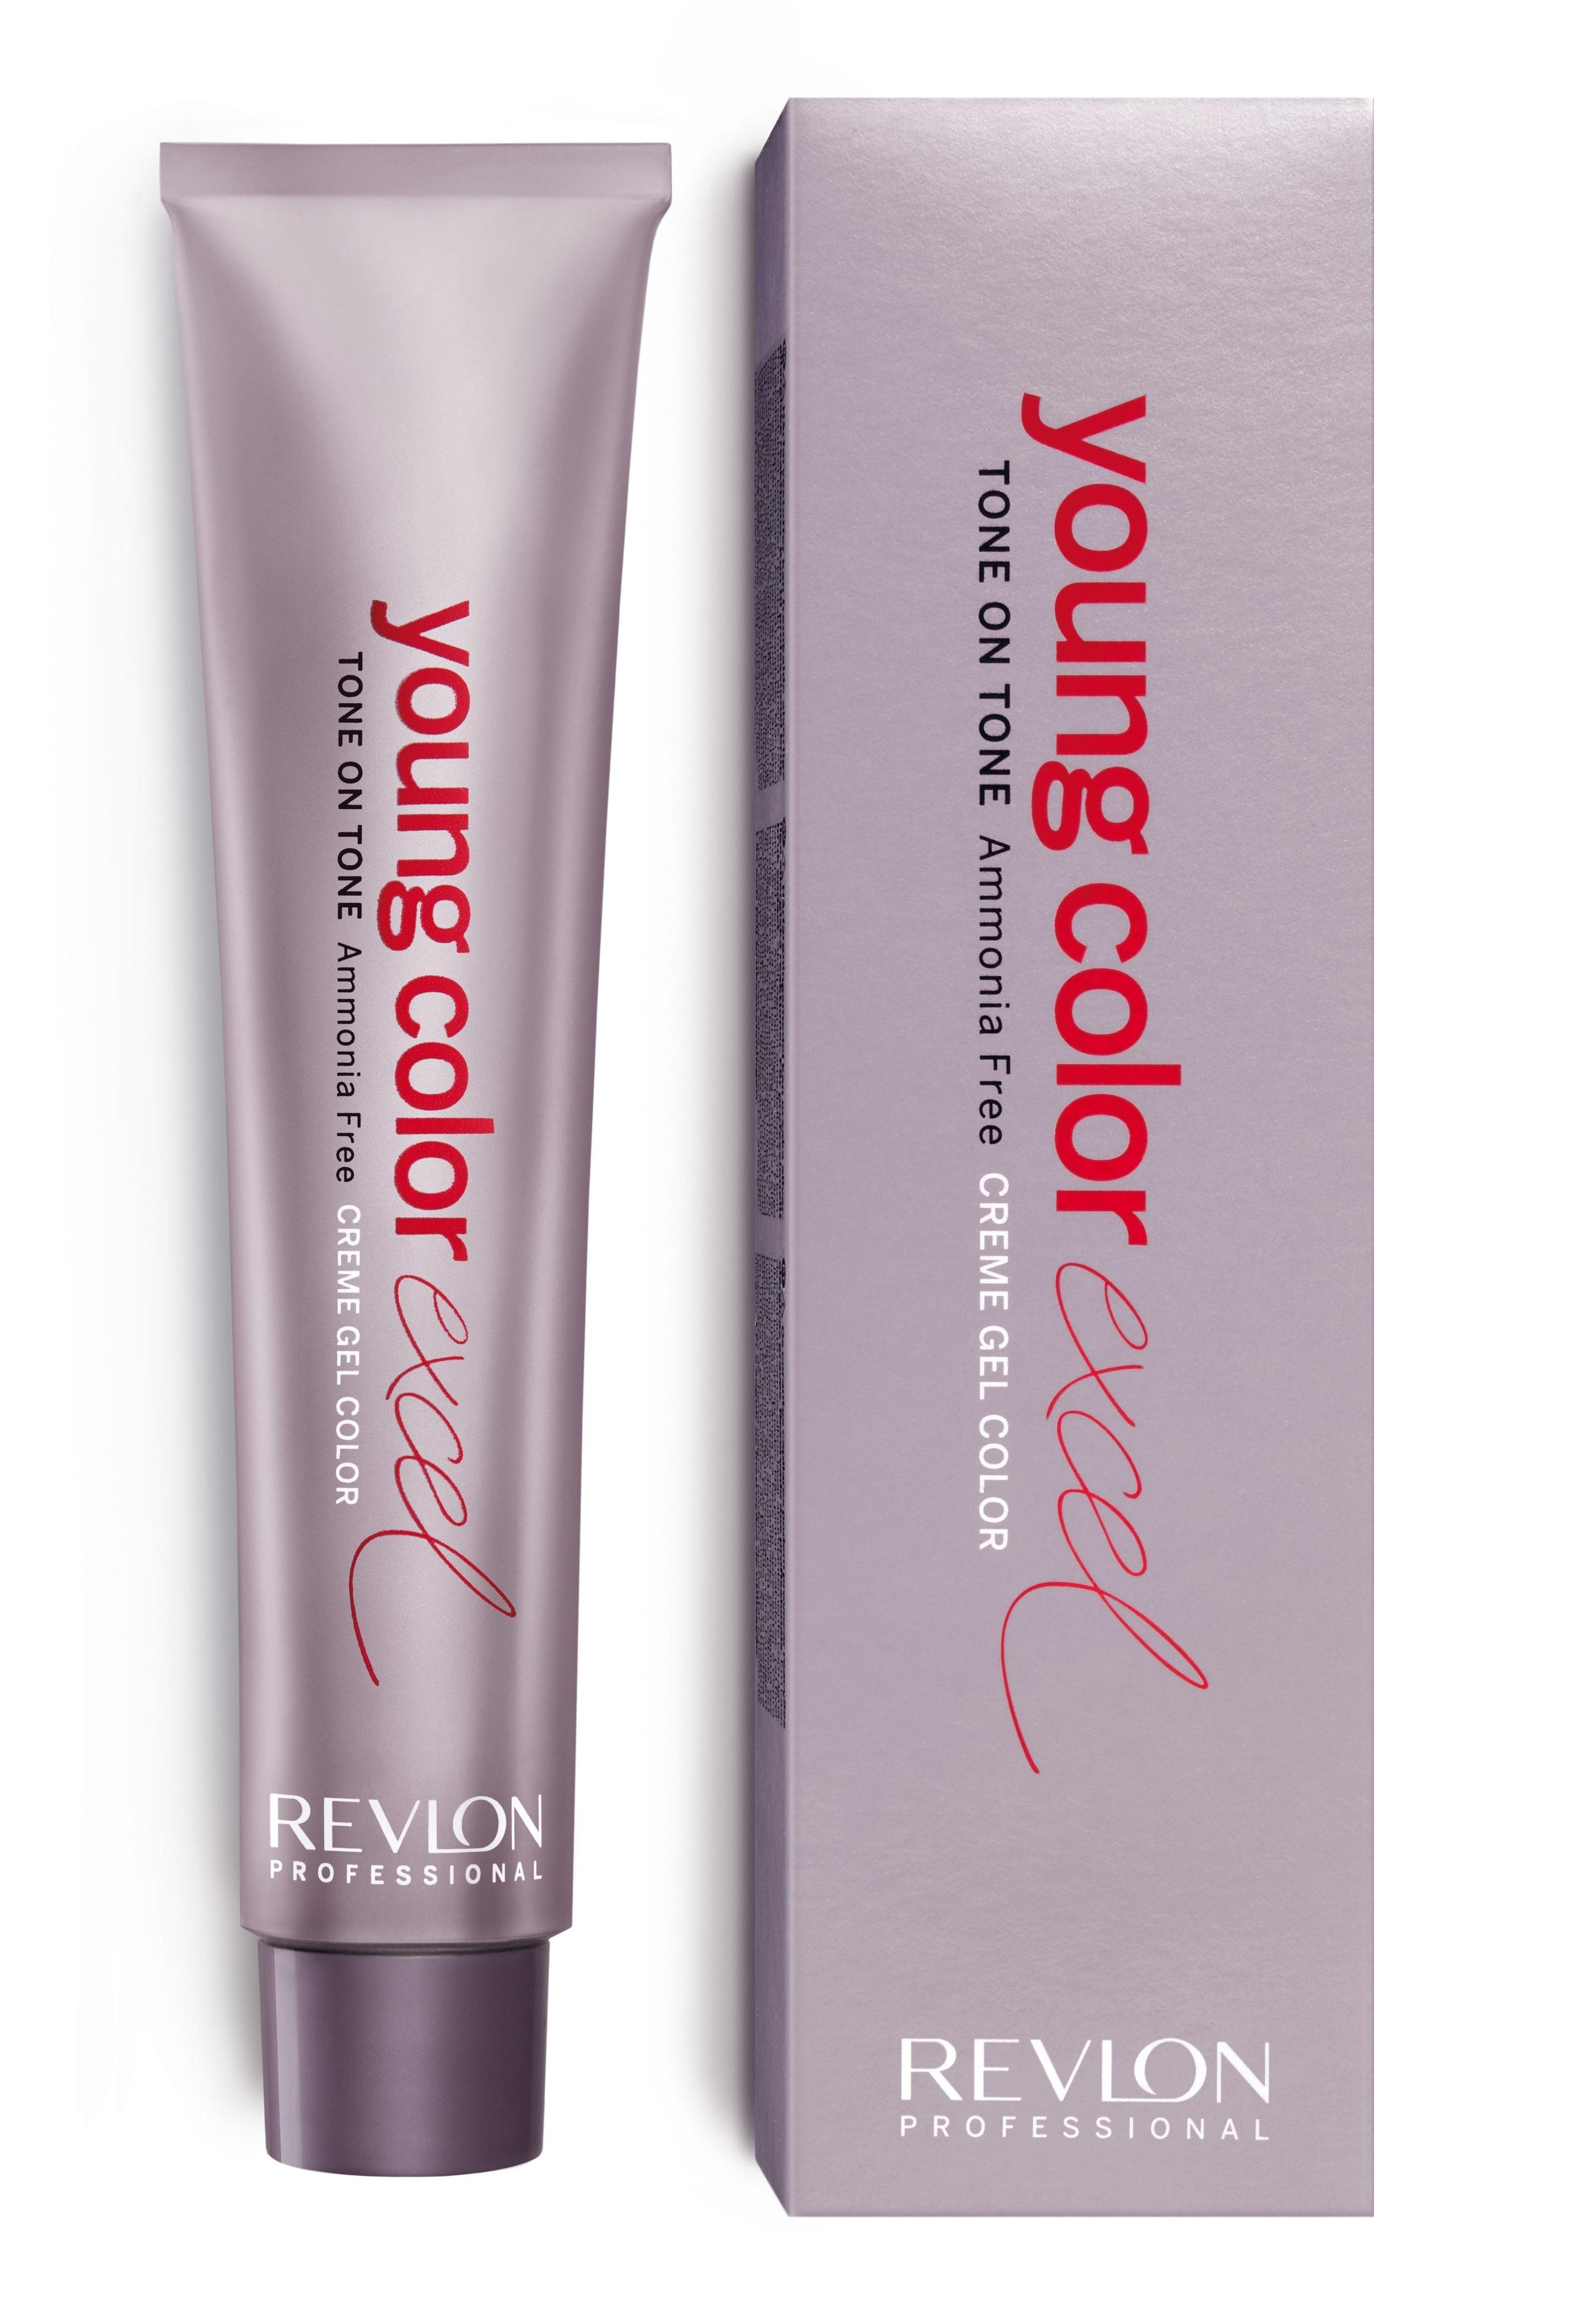 REVLON Professional 8-01 крем-гель полуперманентный, светлый блондин тоффи / YOUNG COLOR EXCEL 70 мл revlon биоактиватор ультра софт 1 8